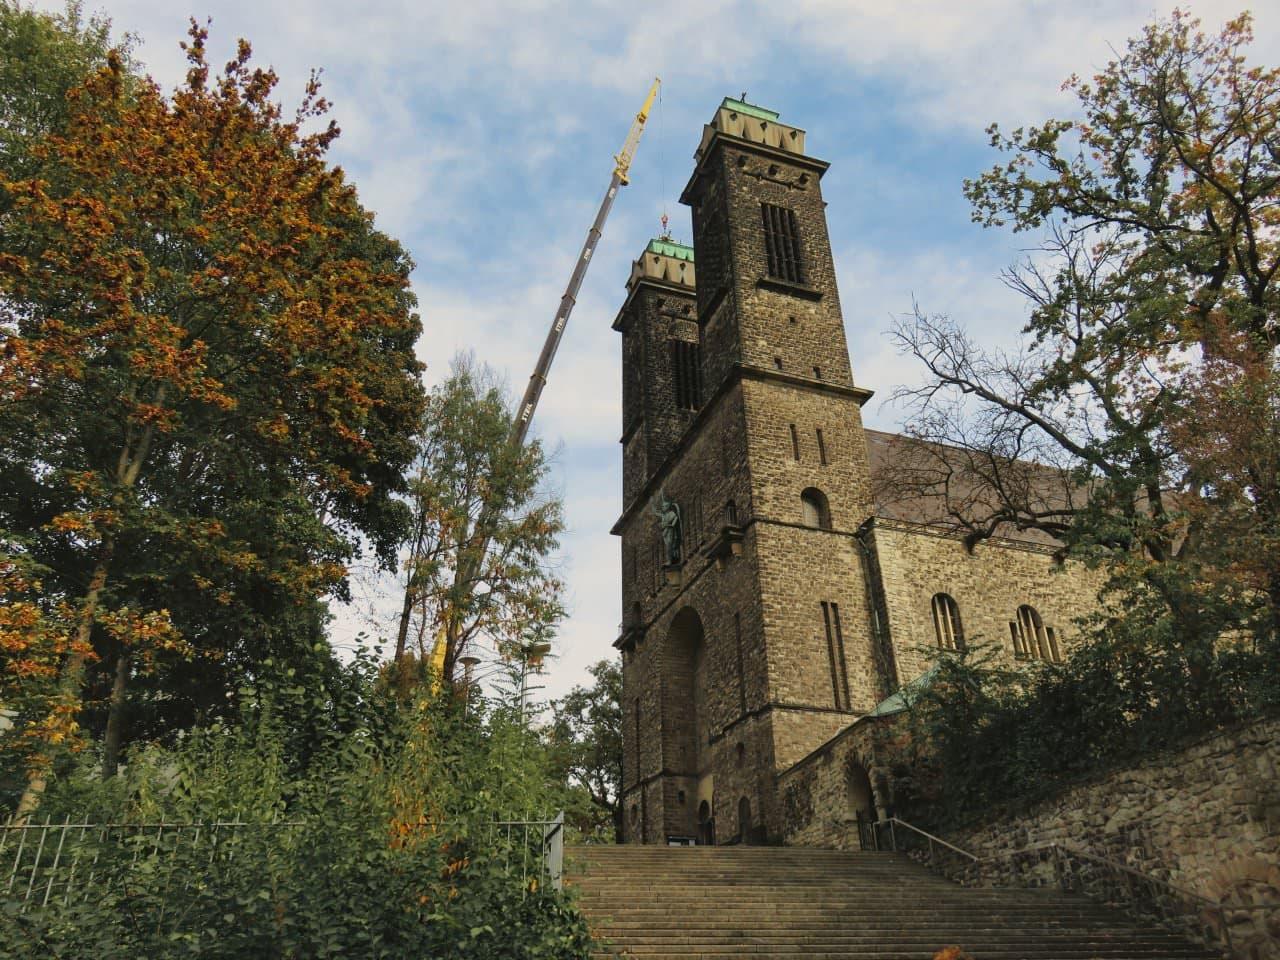 St. Michael Reparatur einer Turmdachfläche mittels Mobilkran